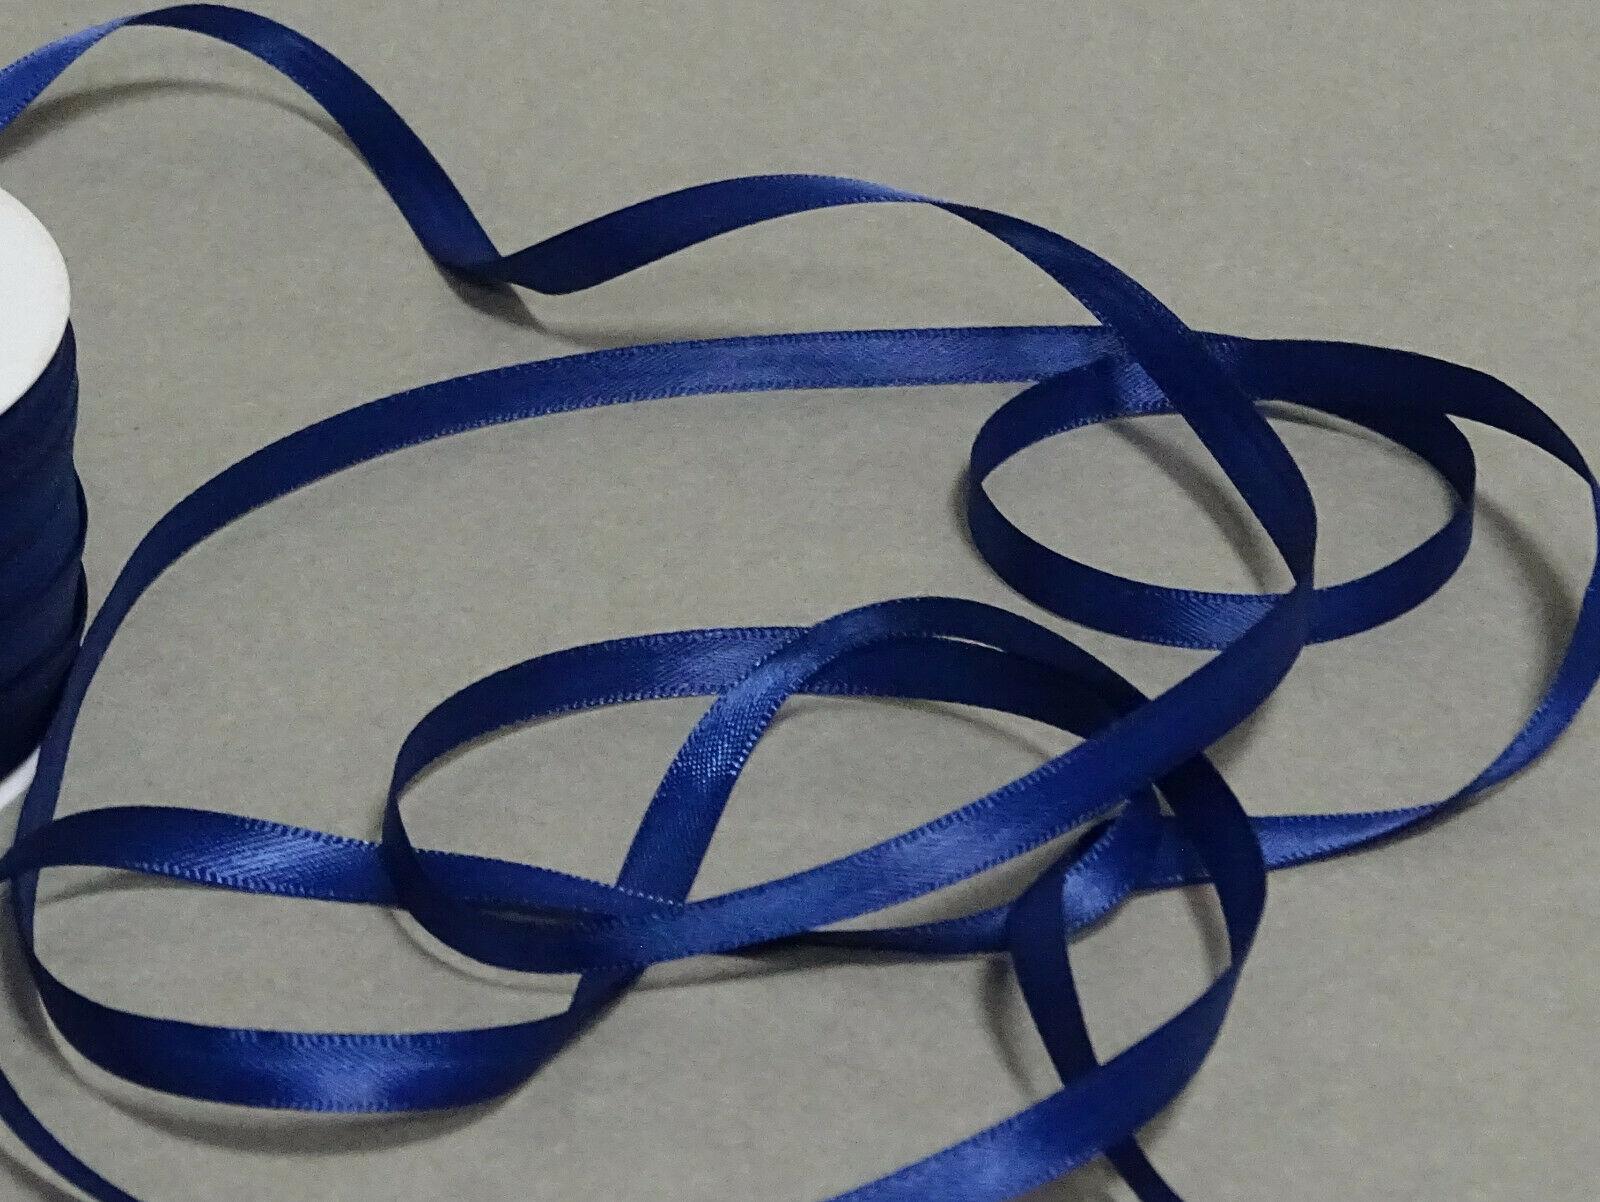 Satinband Schleifenband 50m x 3mm / 6mm Dekoband ab 0,05 €/m Geschenkband Rolle - Blau 120, 3 mm x 50 m